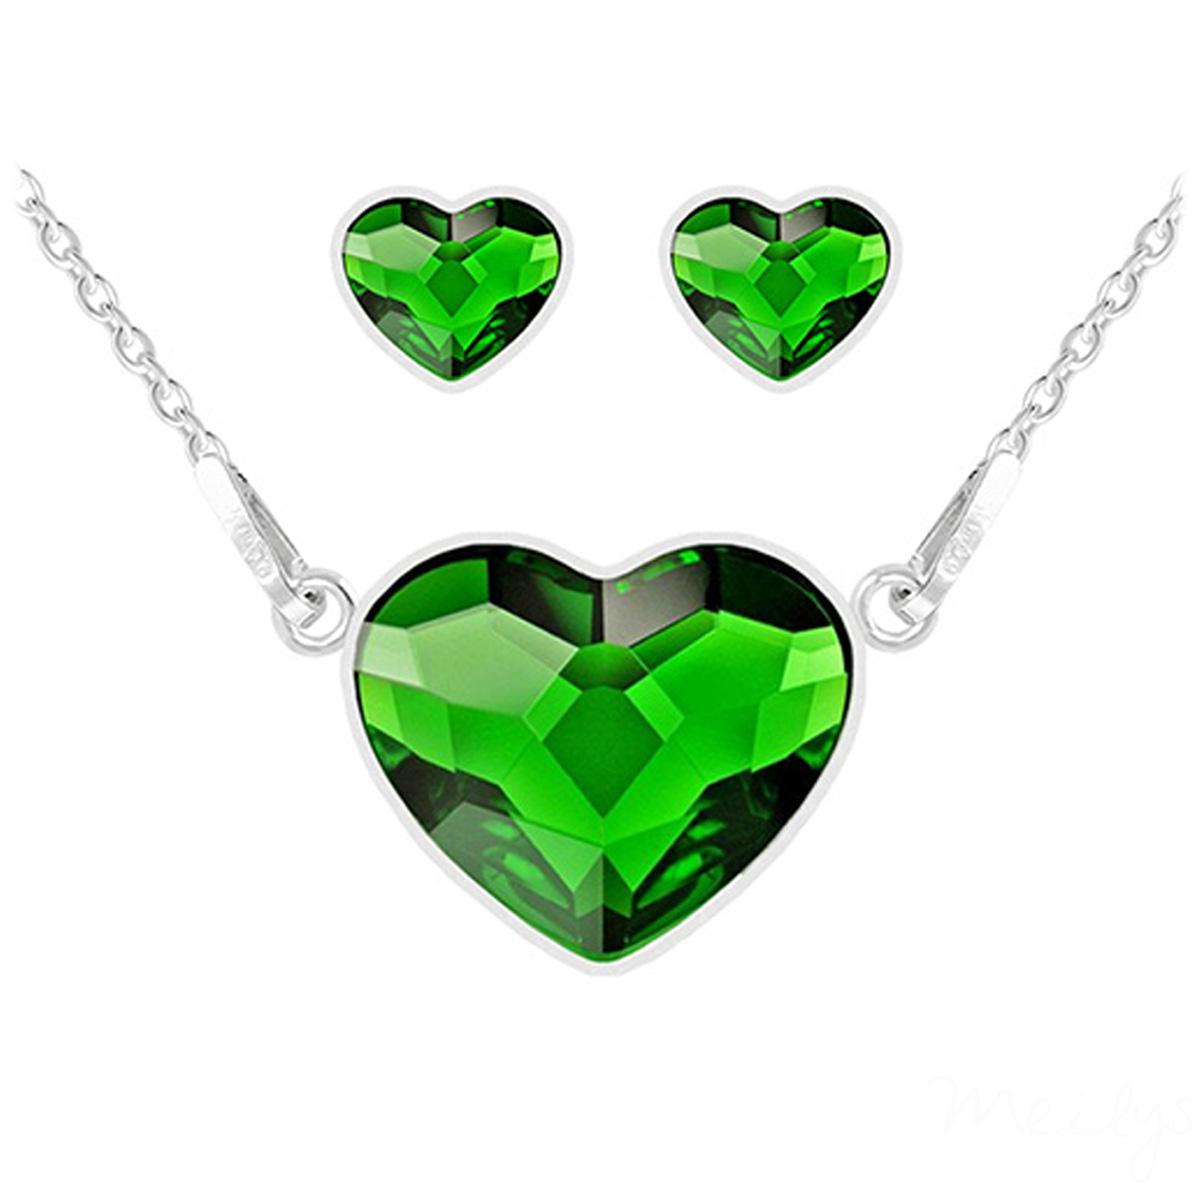 Parure argent artisanales \'Love\' vert argenté (collier et boucles) - 15x13 mm - [Q4279]